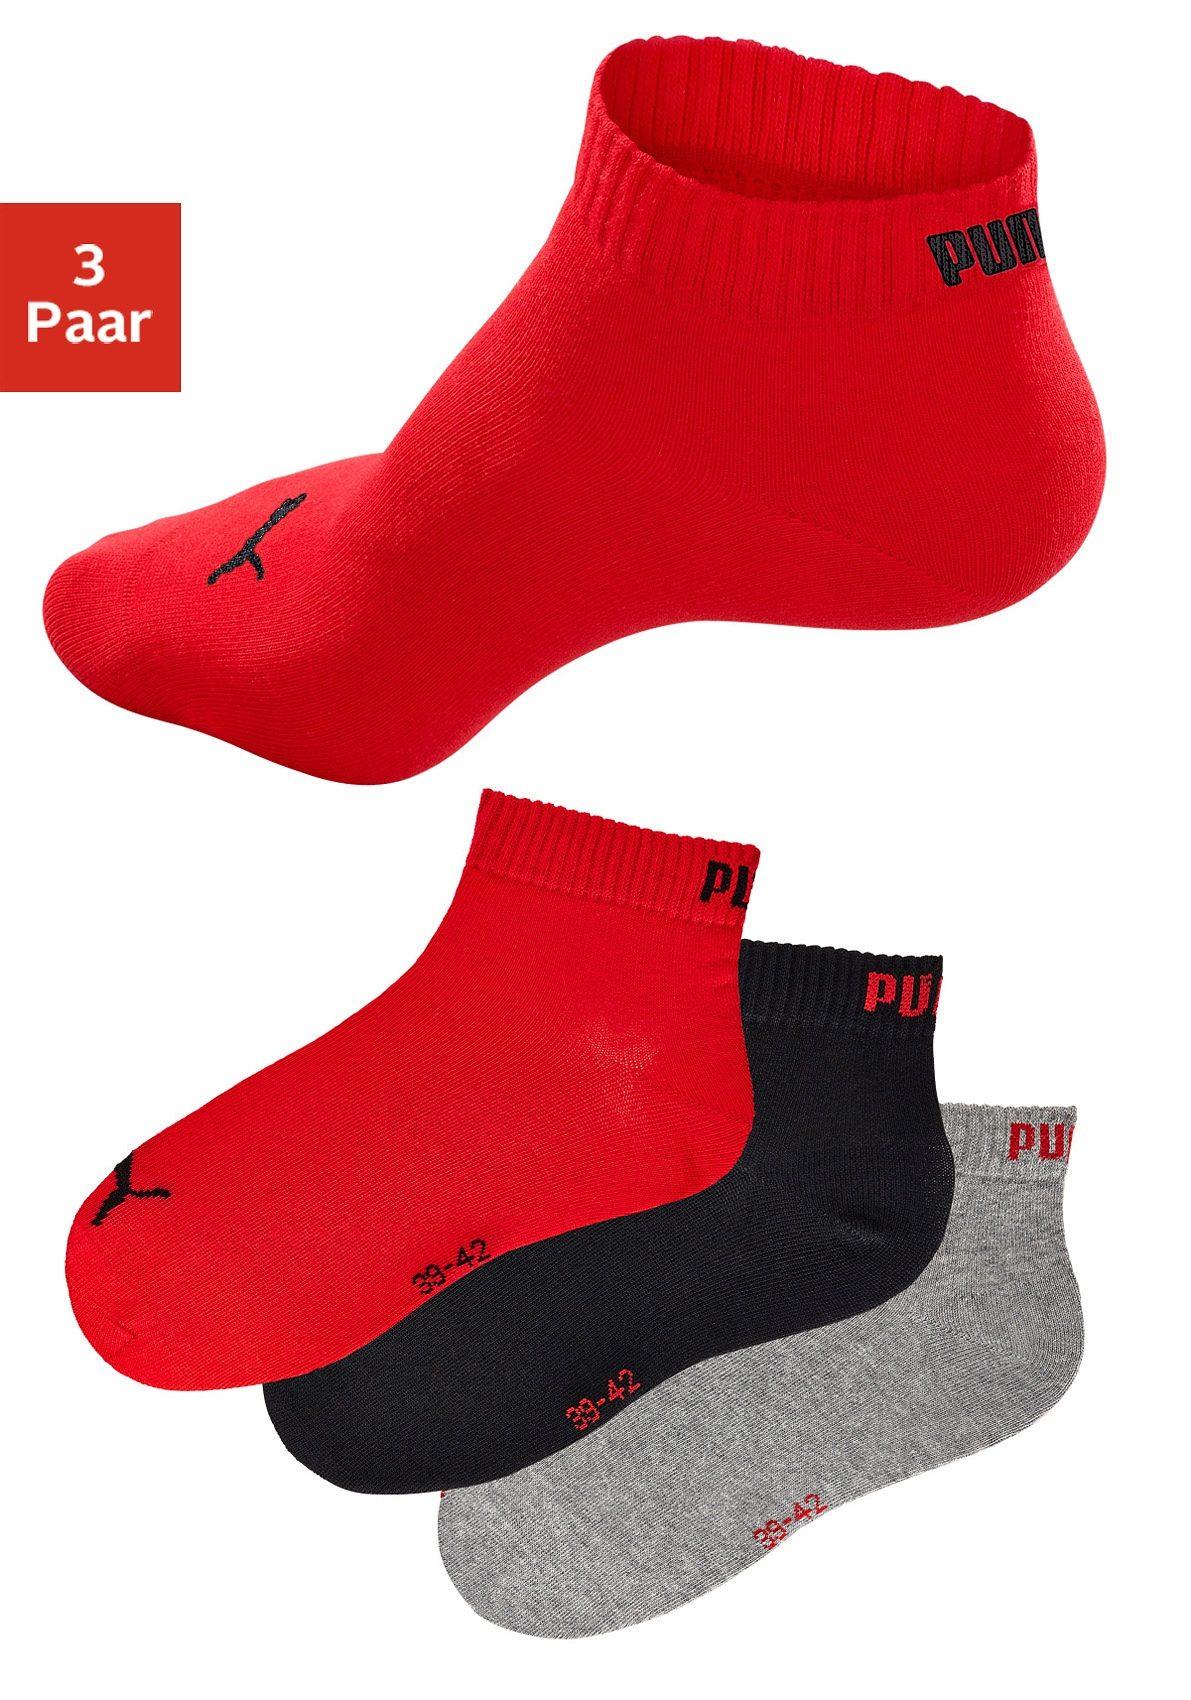 PUMA sportieve korte sokken (set van 3 paar) met ribboord